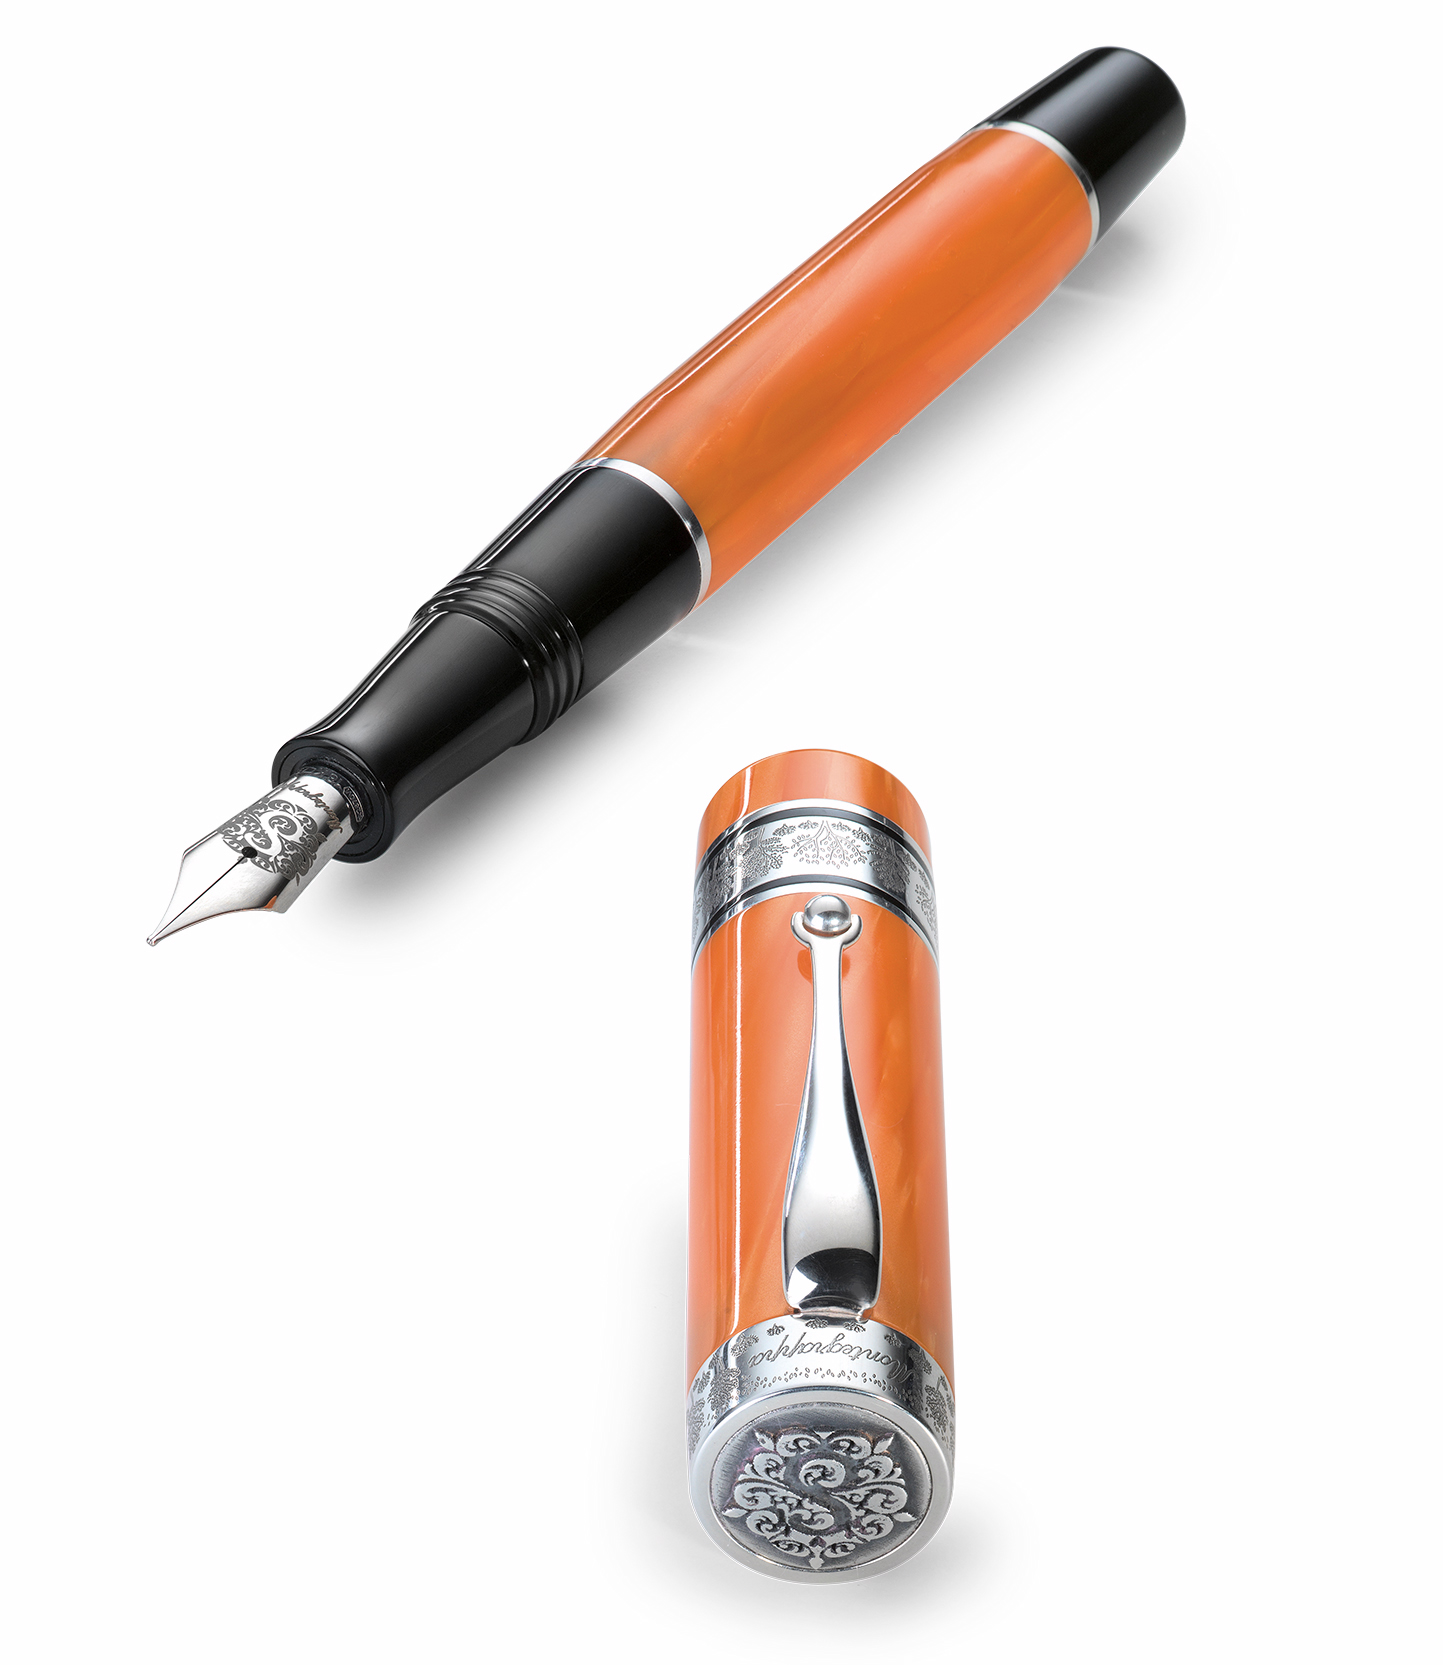 モンテグラッパ 限定生産品 ダッチェスオブヨーク (ヨーク公爵夫人) オータムリーフオレンジ 万年筆